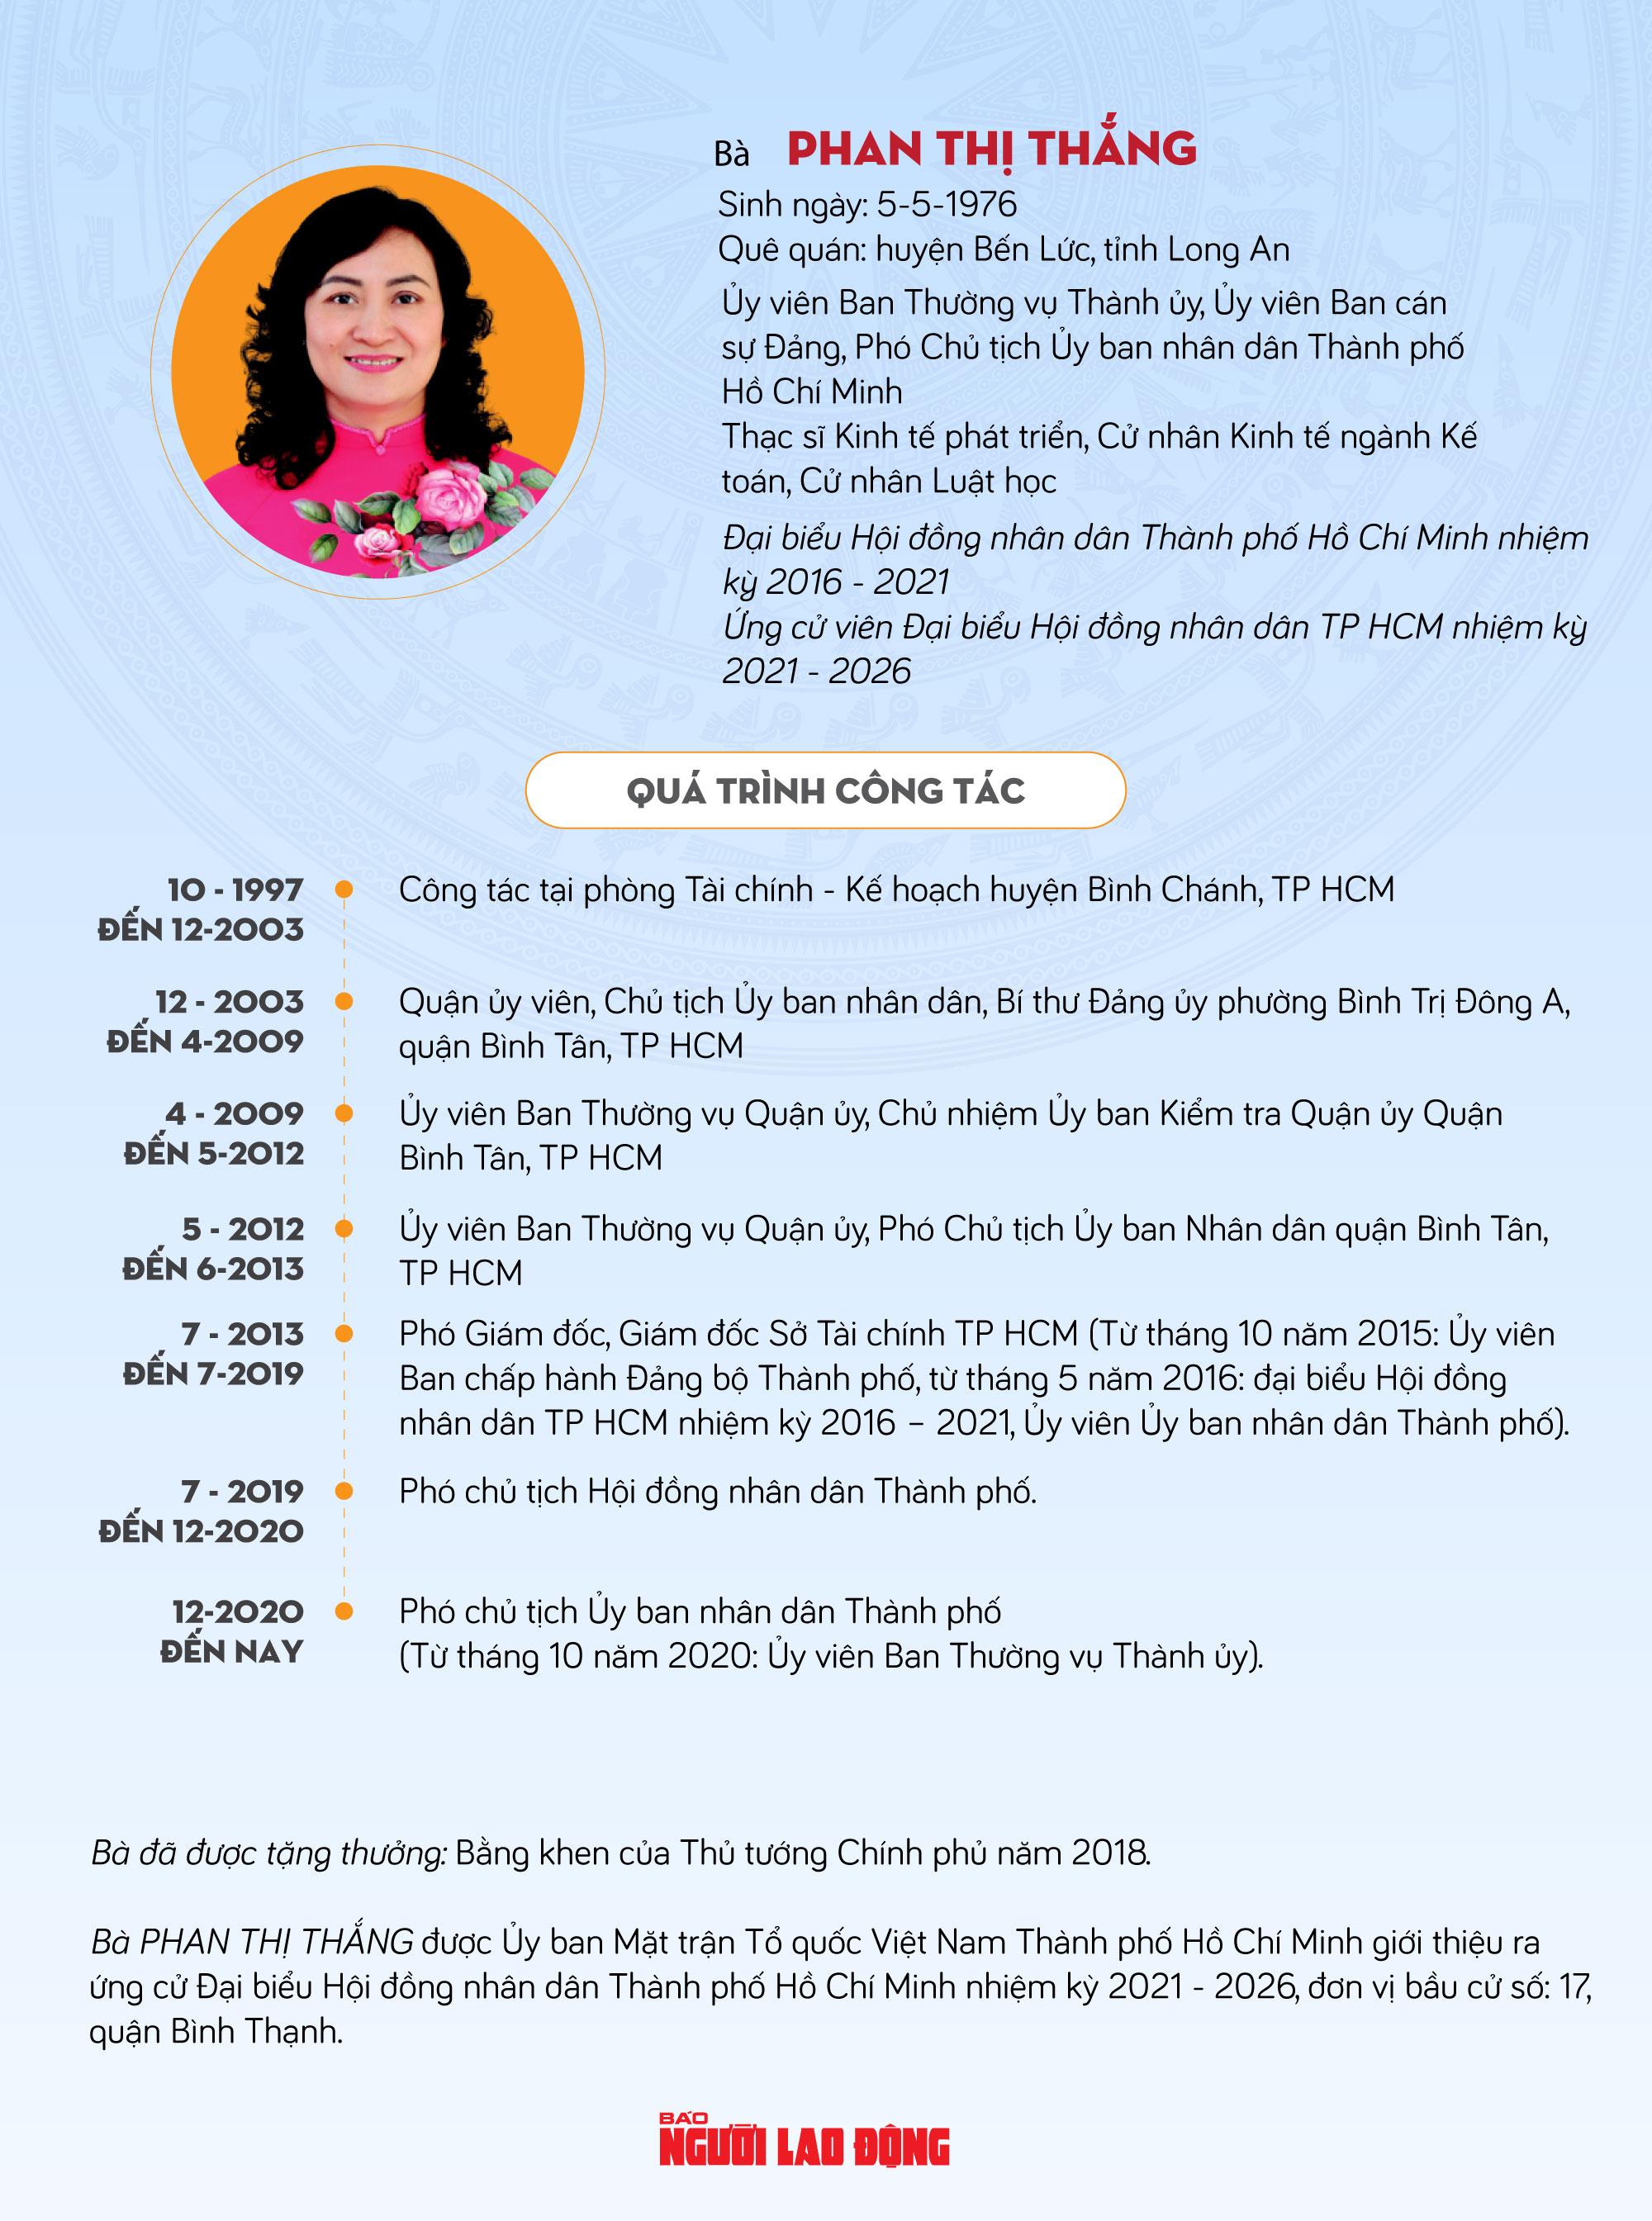 Bà Phan Thị Thắng: Lắng nghe tiếng nói thẳng nói thật từ cử tri... - Ảnh 1.